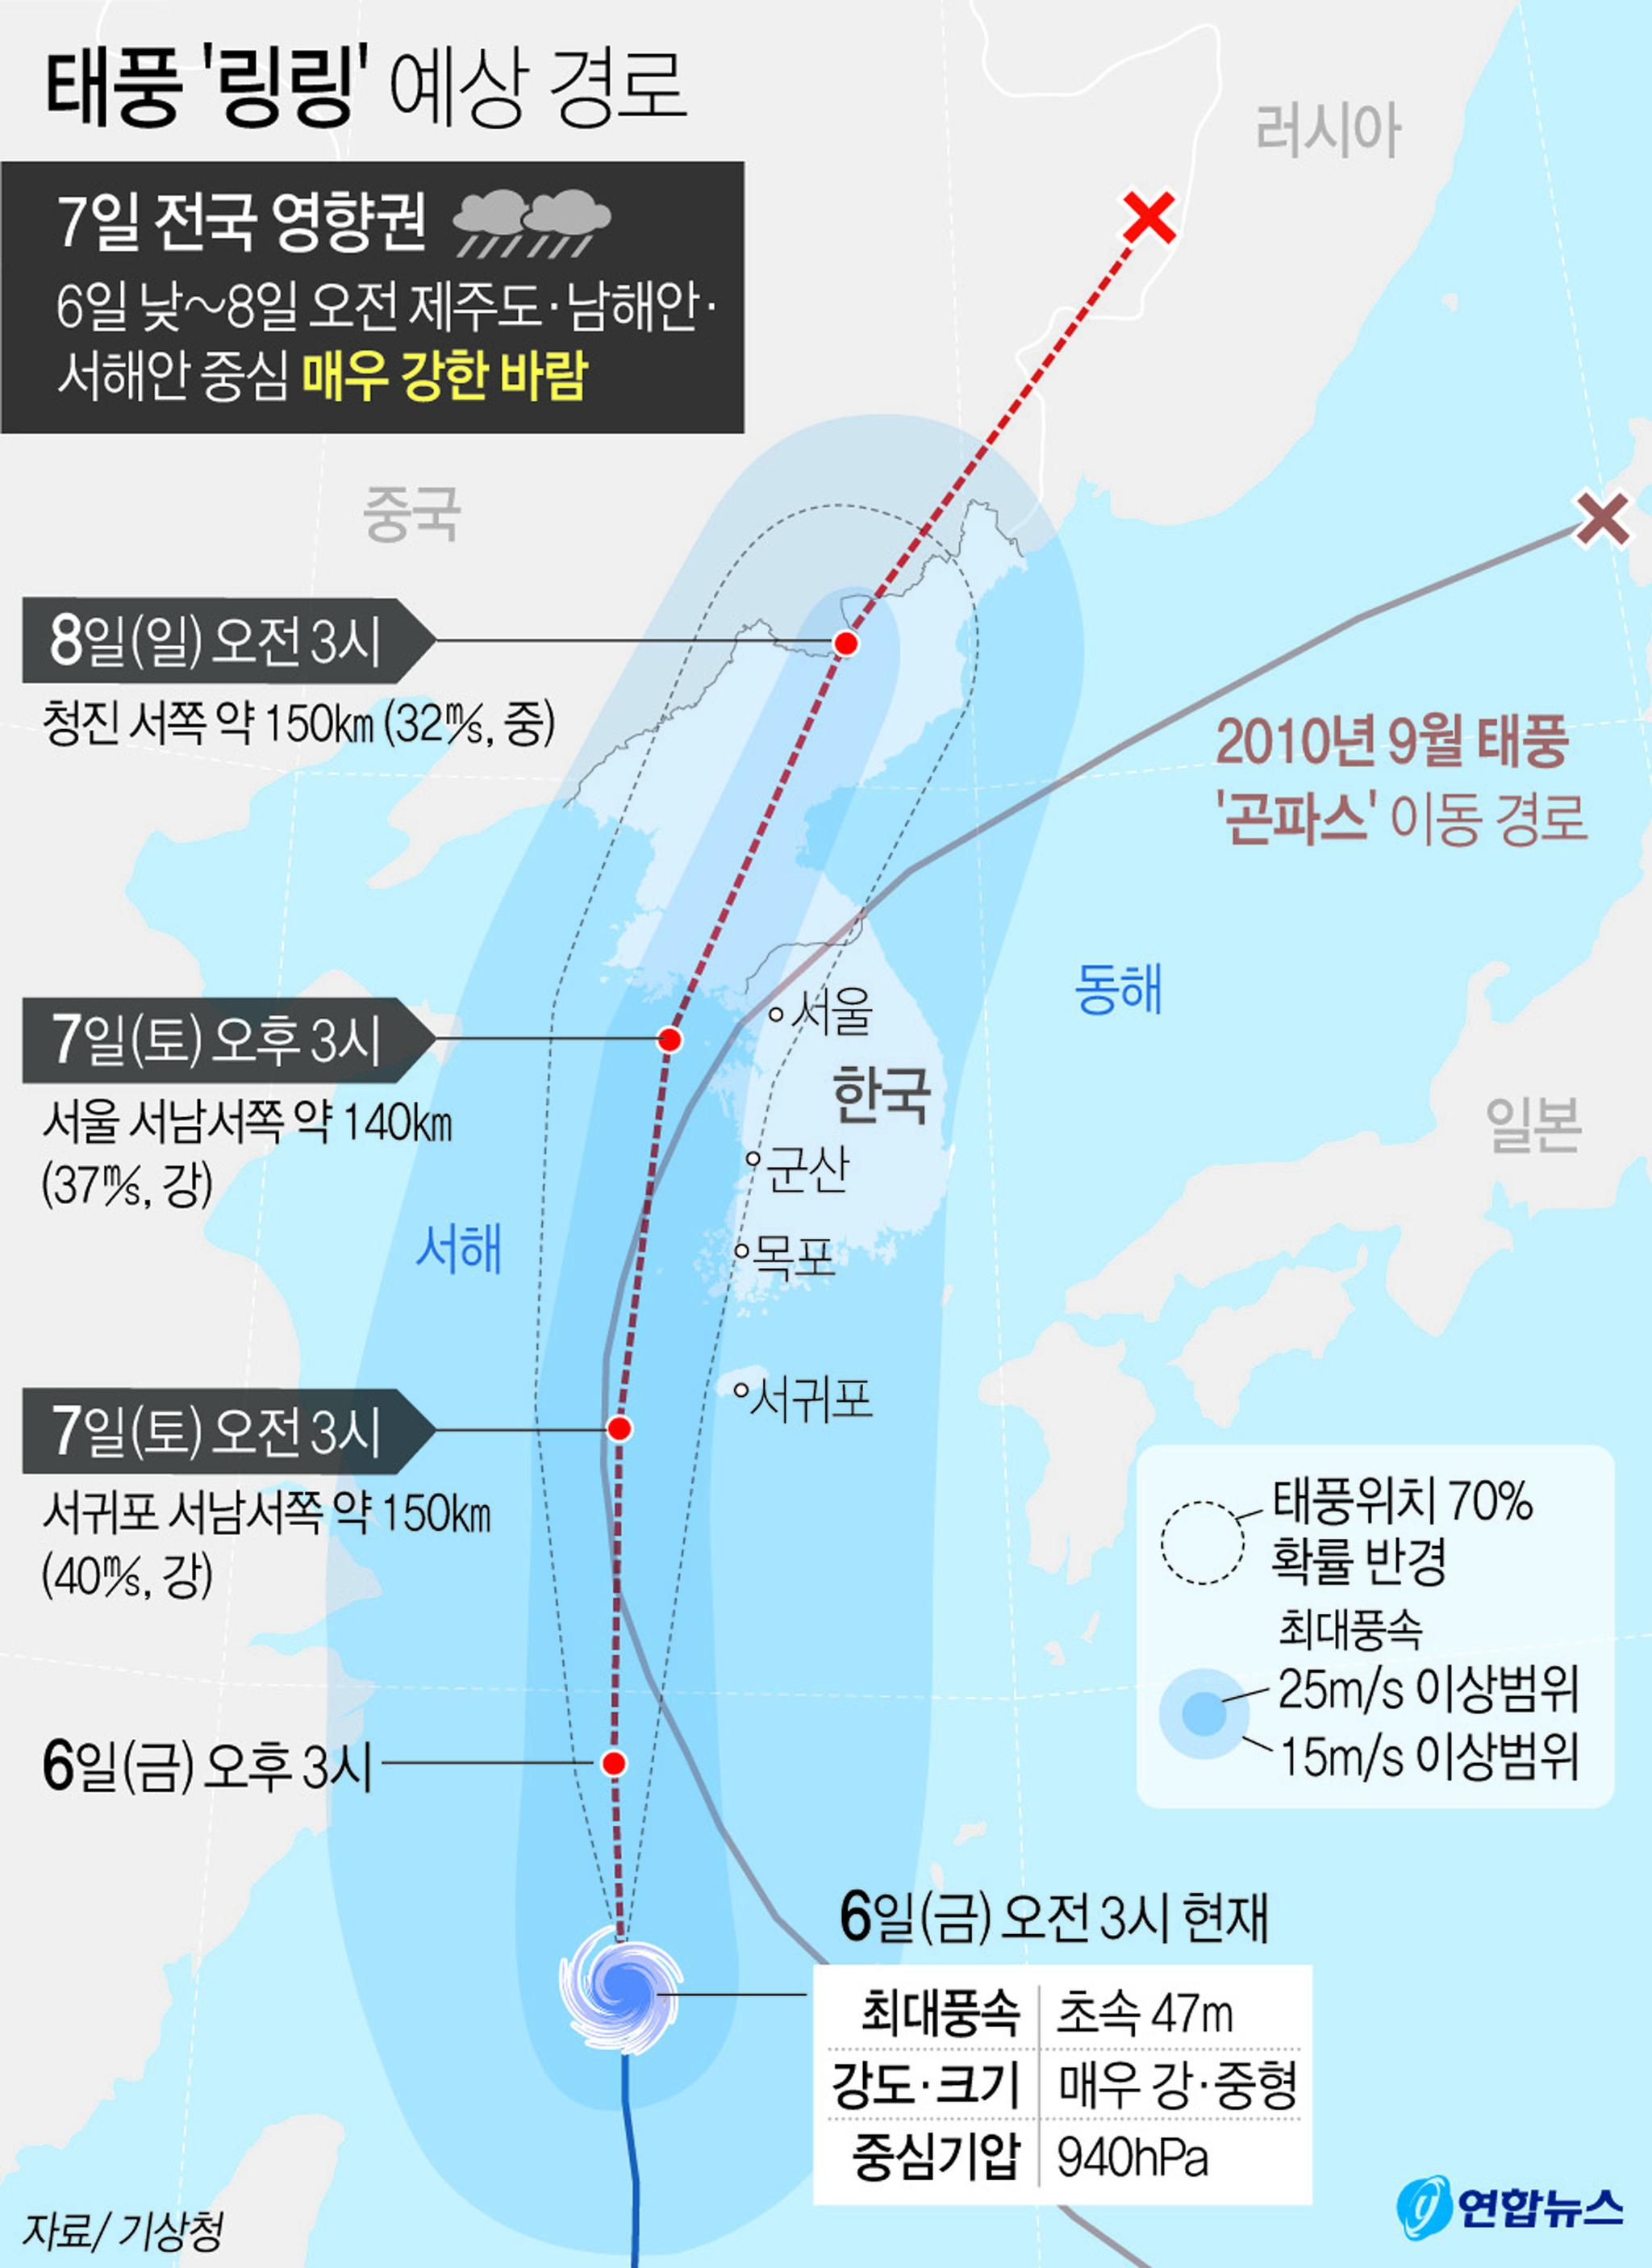 태풍 '링링' 예상 경로.[연합뉴스]